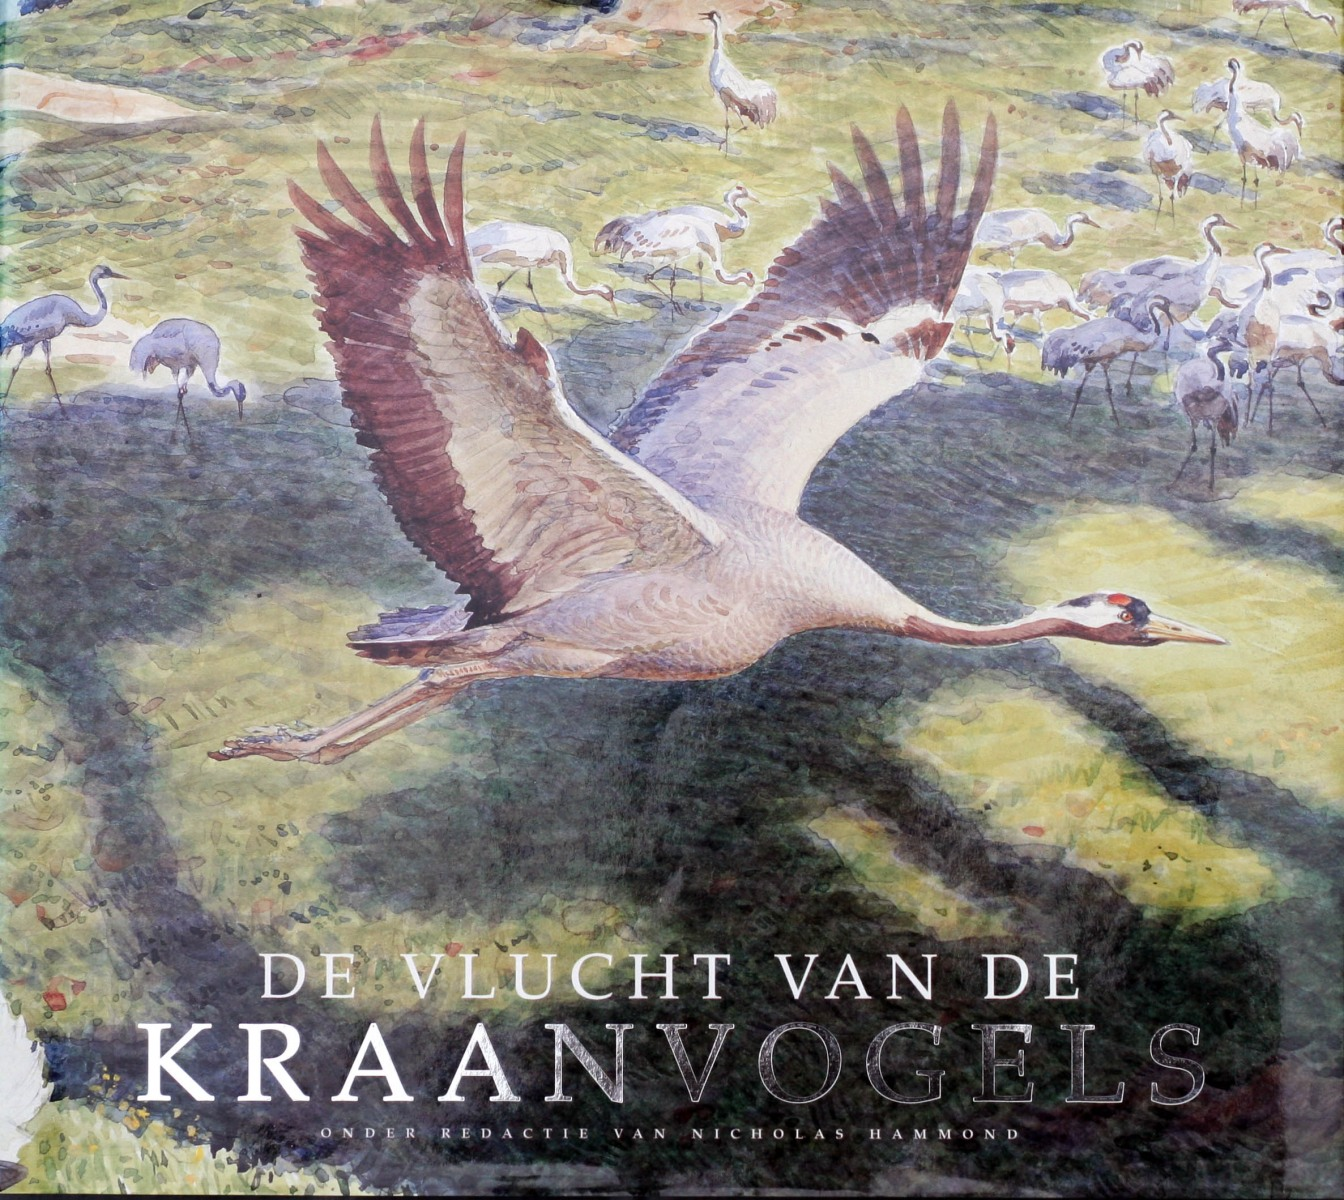 De-Vlucht-van-de-Kraanvogels-cover-1994